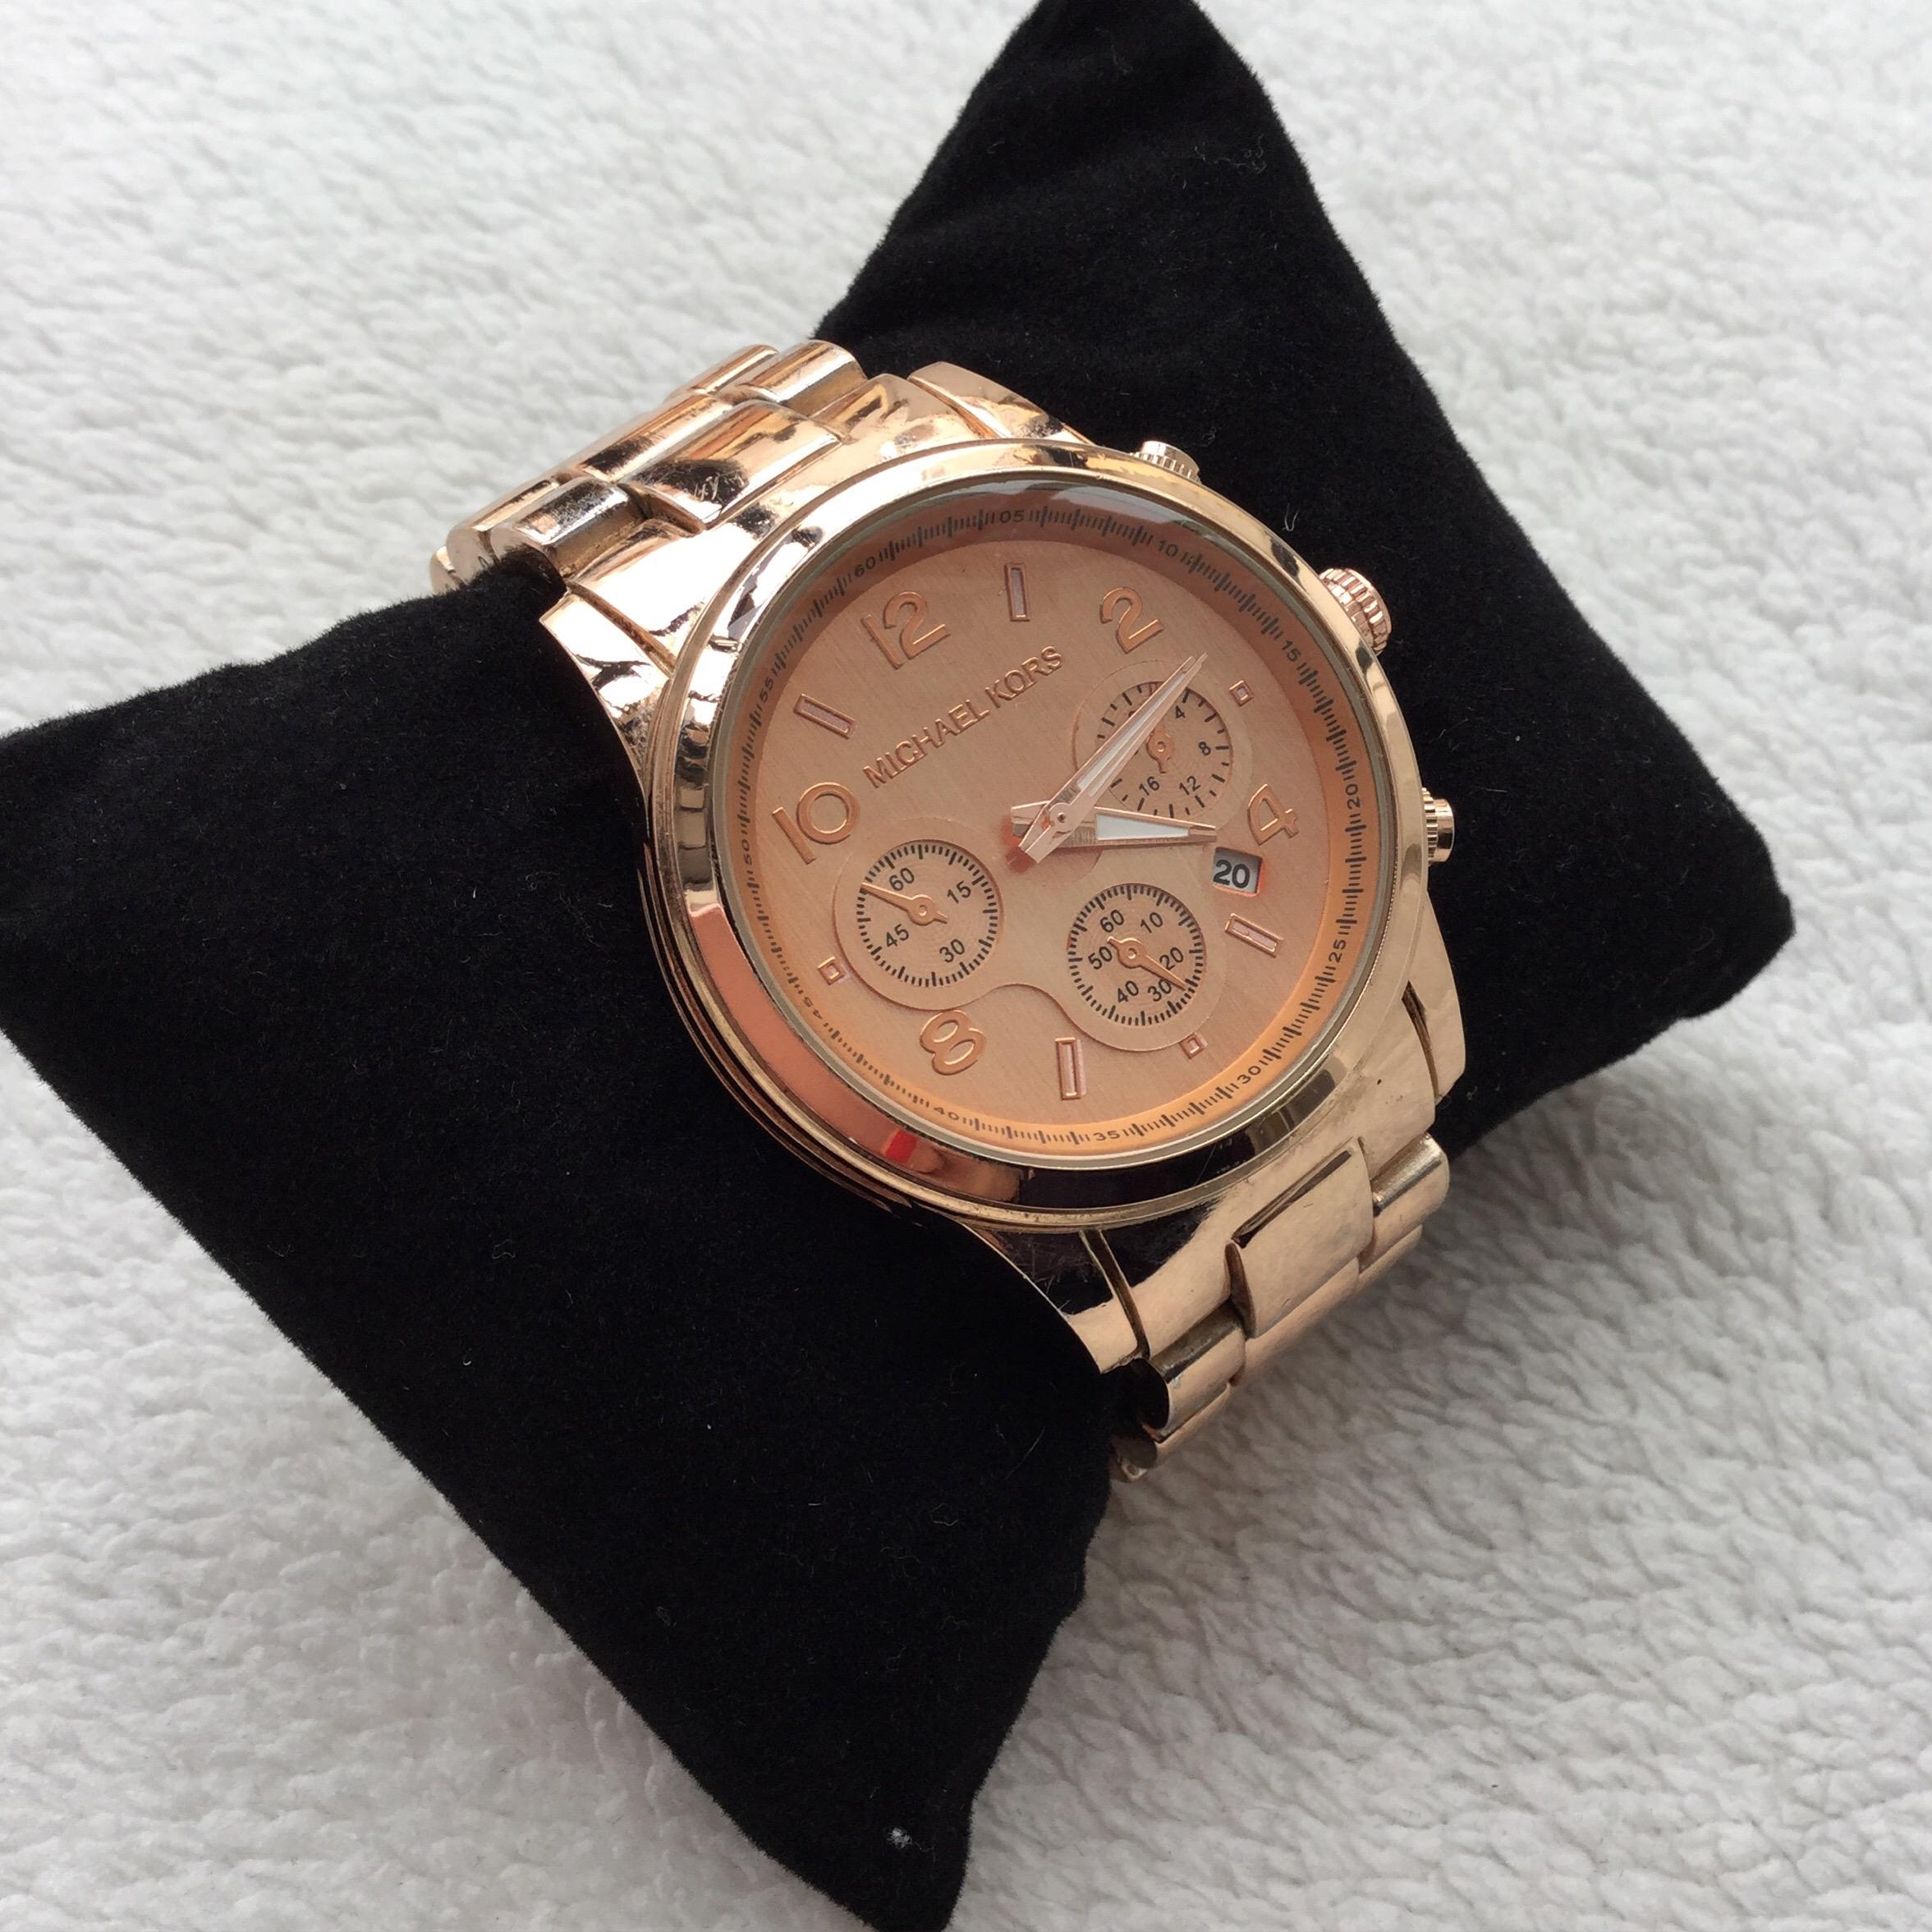 c6e6dc452e93 relojes chanel aliexpress